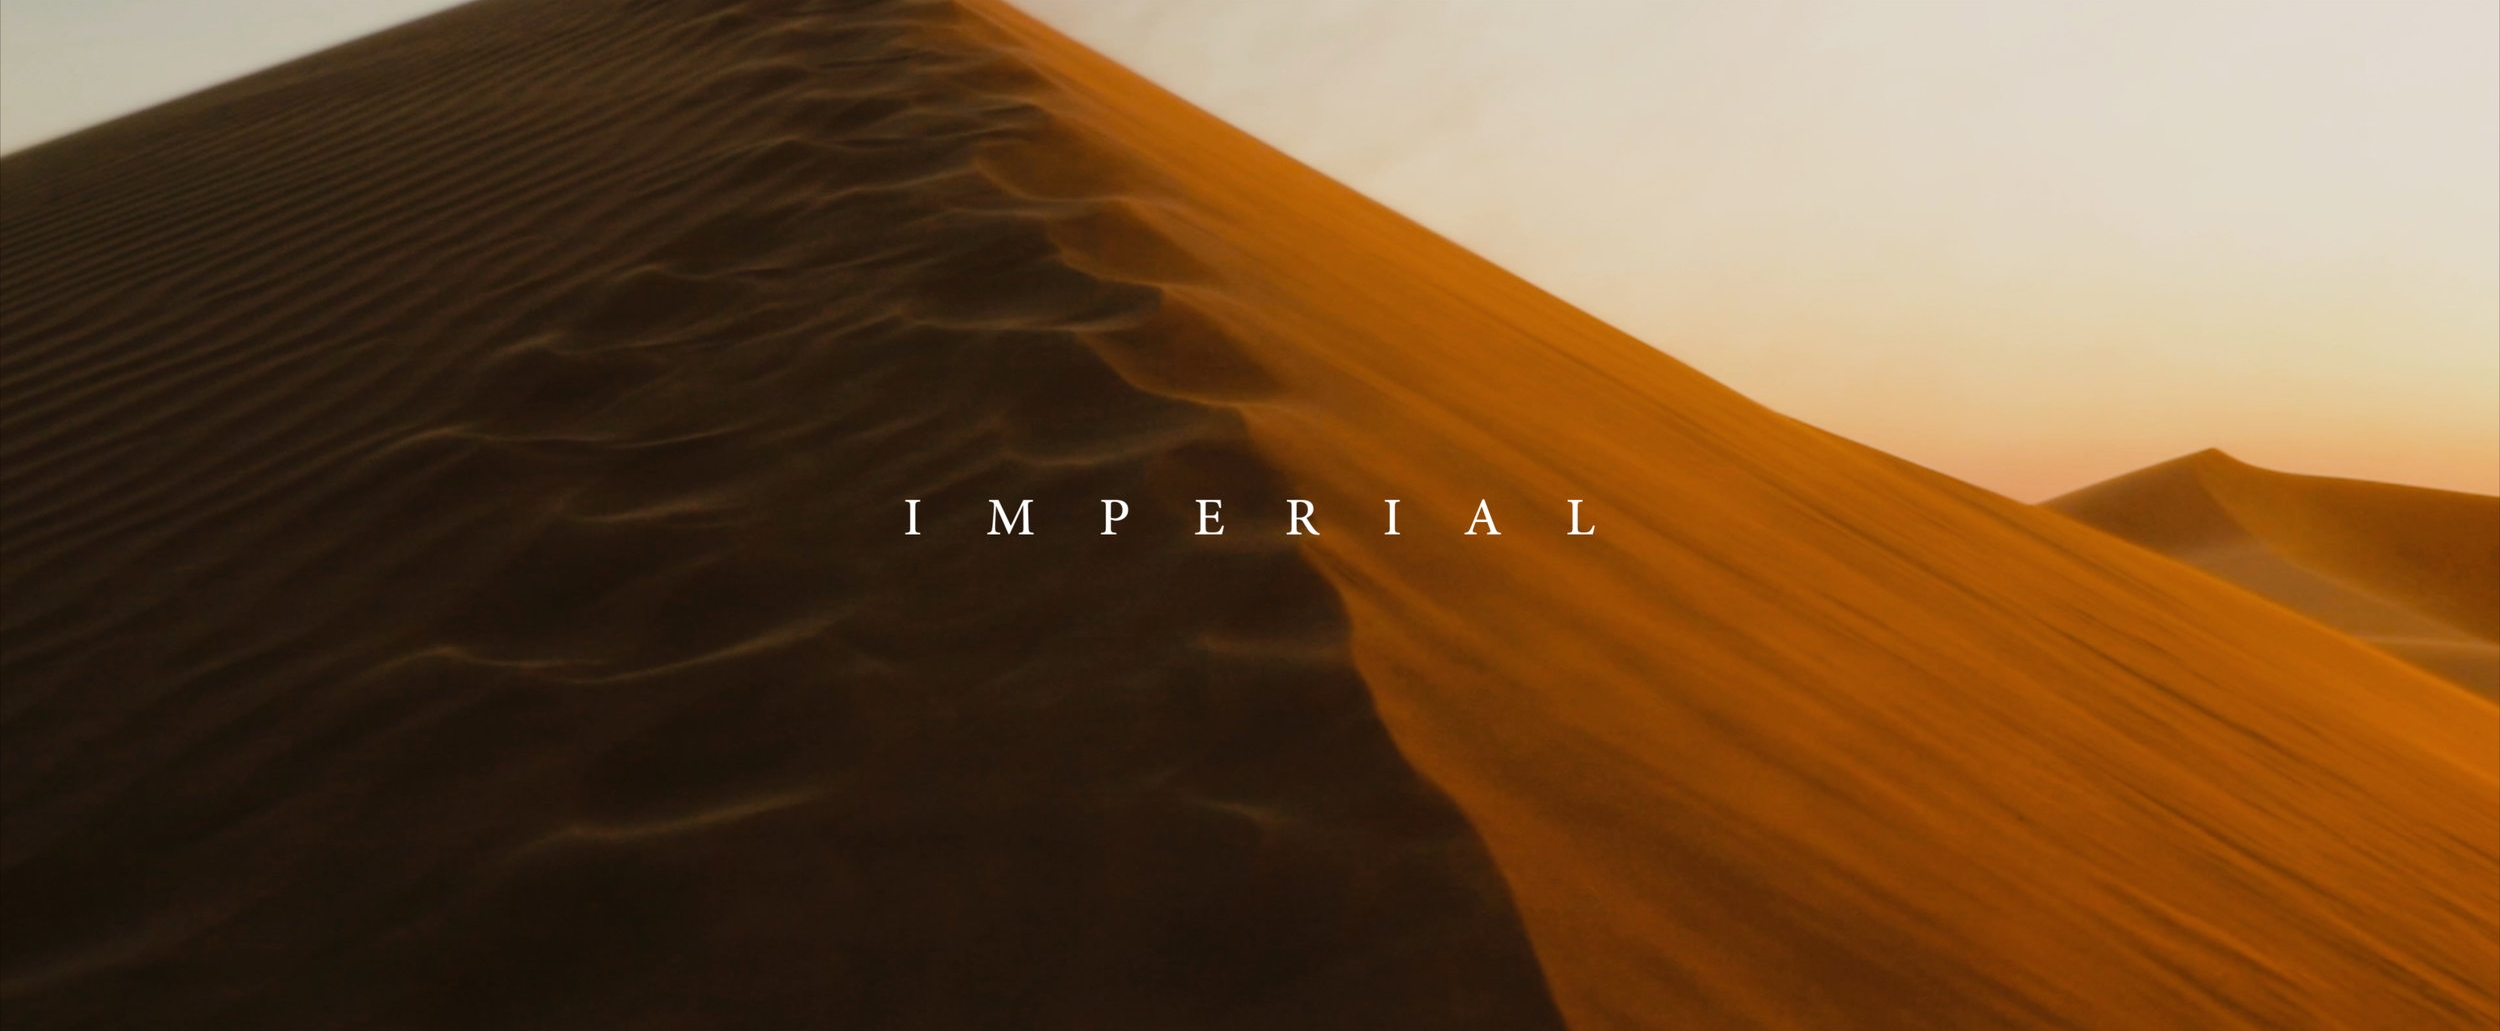 Imperial 1.jpg